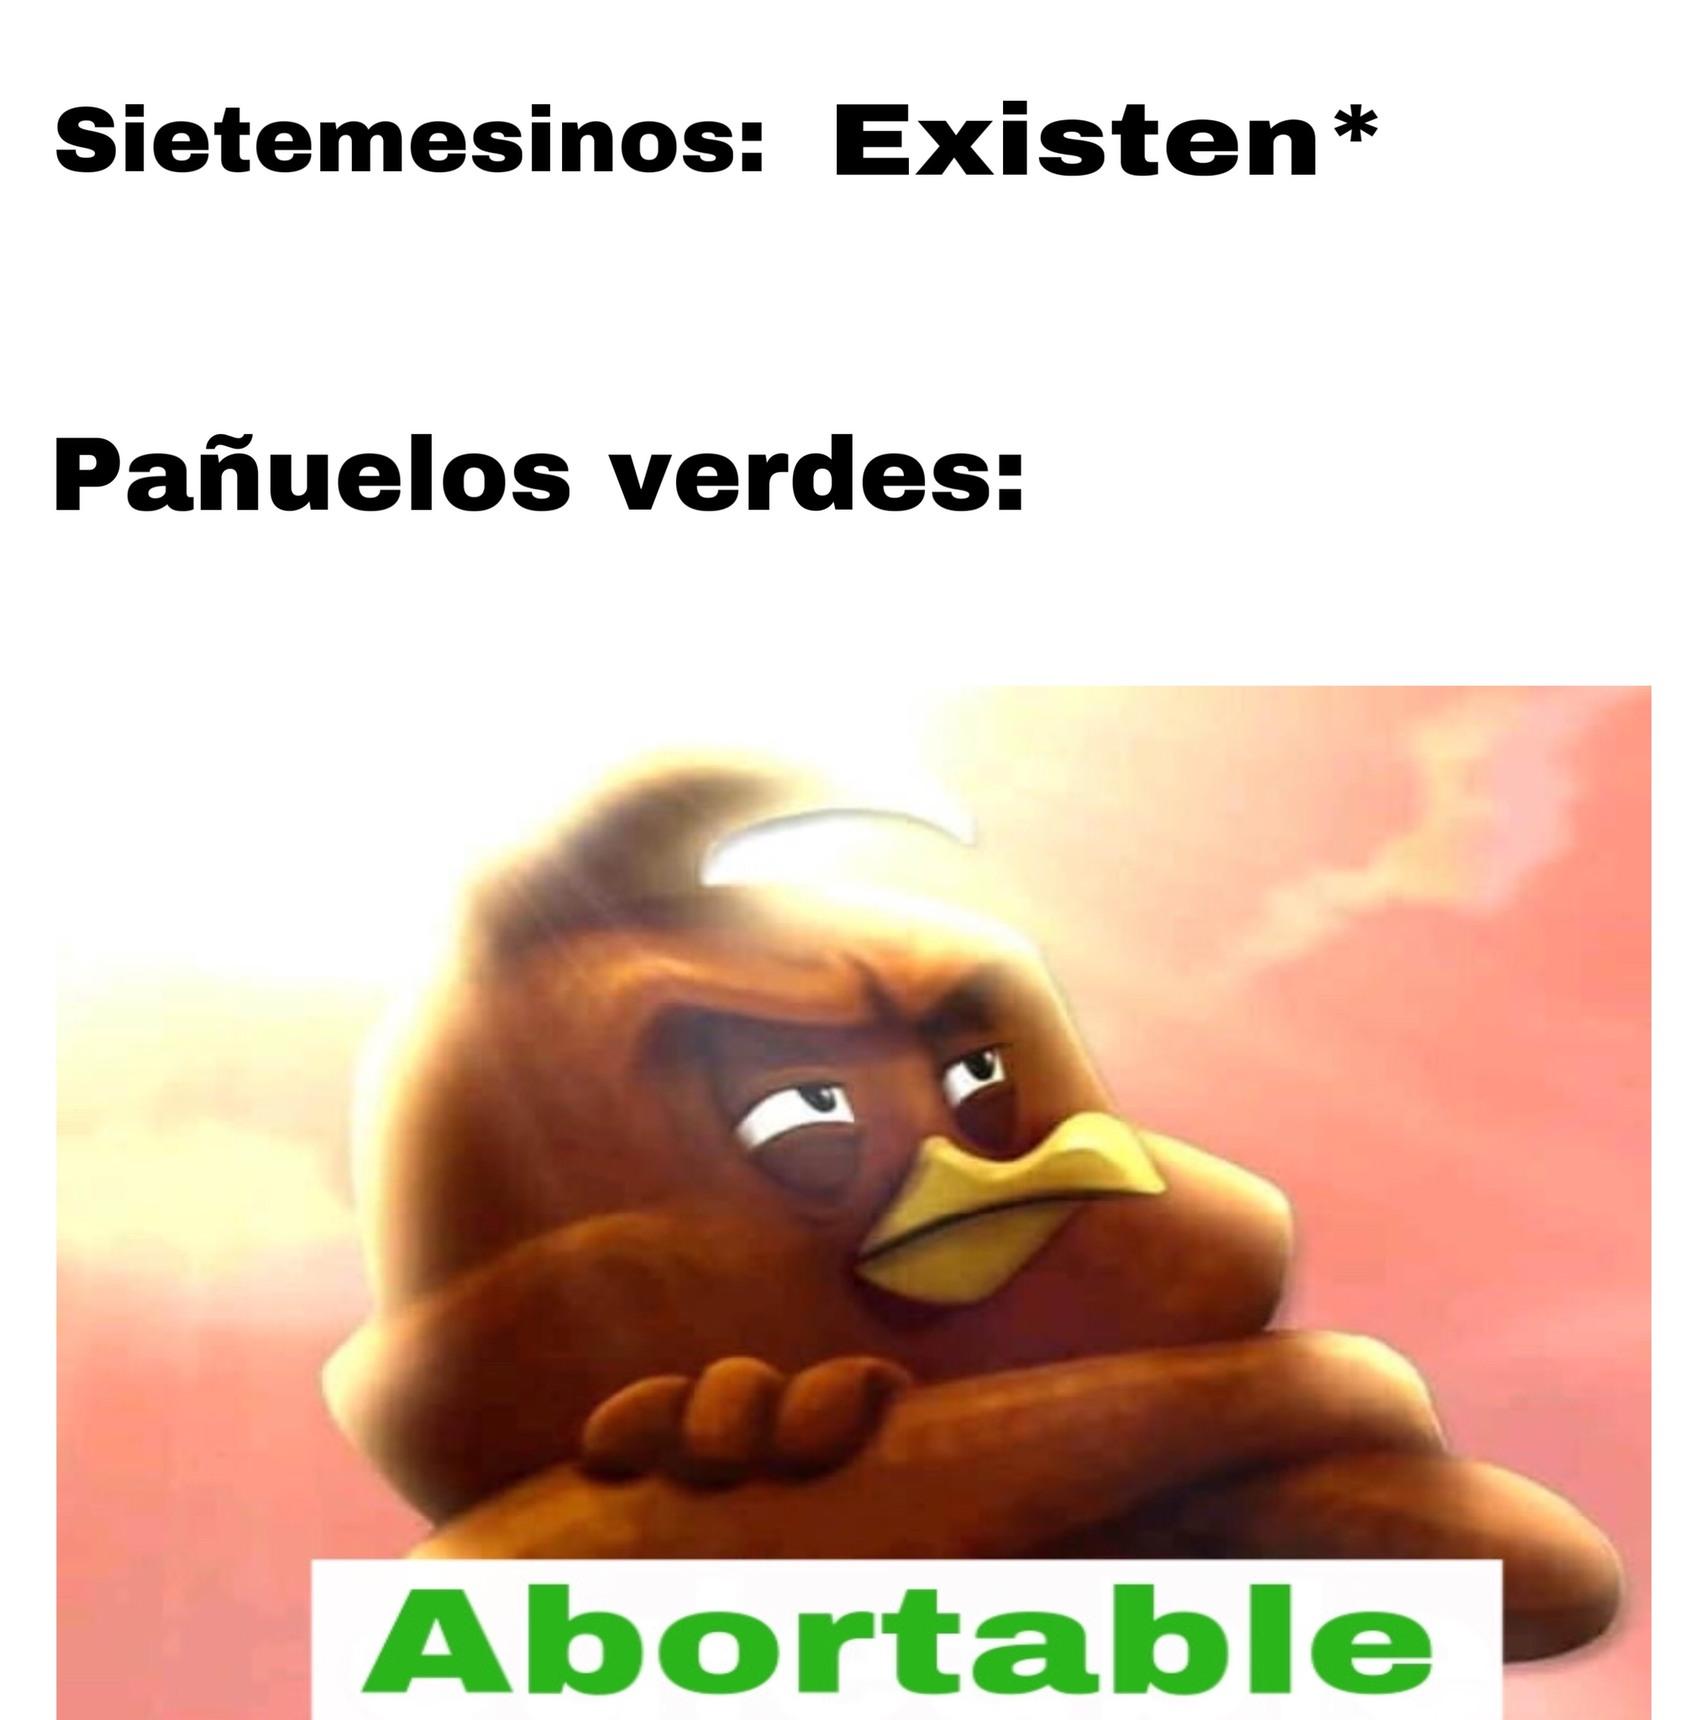 edición 100 - meme